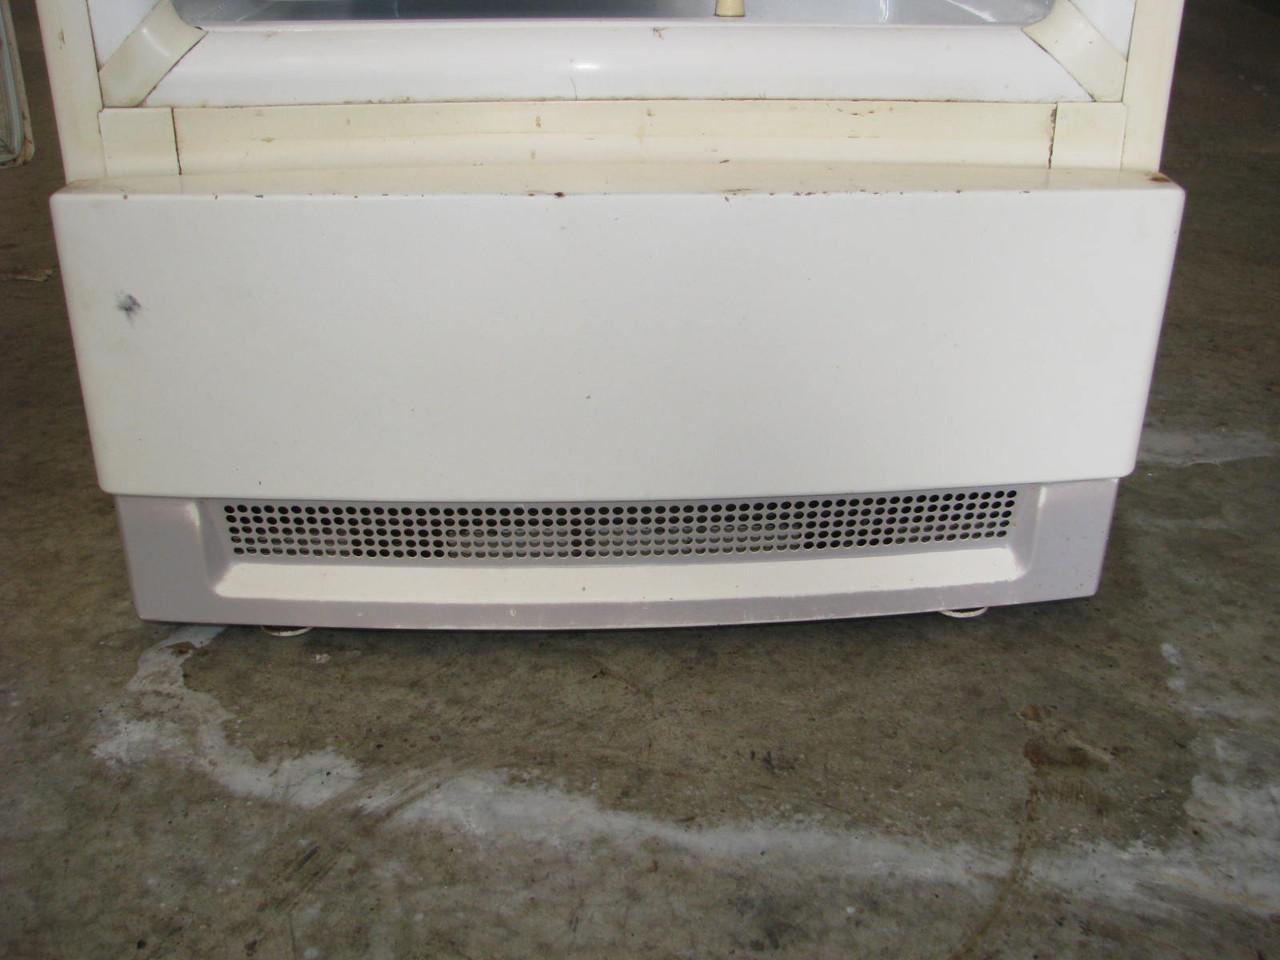 GM Frigidaire Refrigerator 110 v from 1950 Spartan